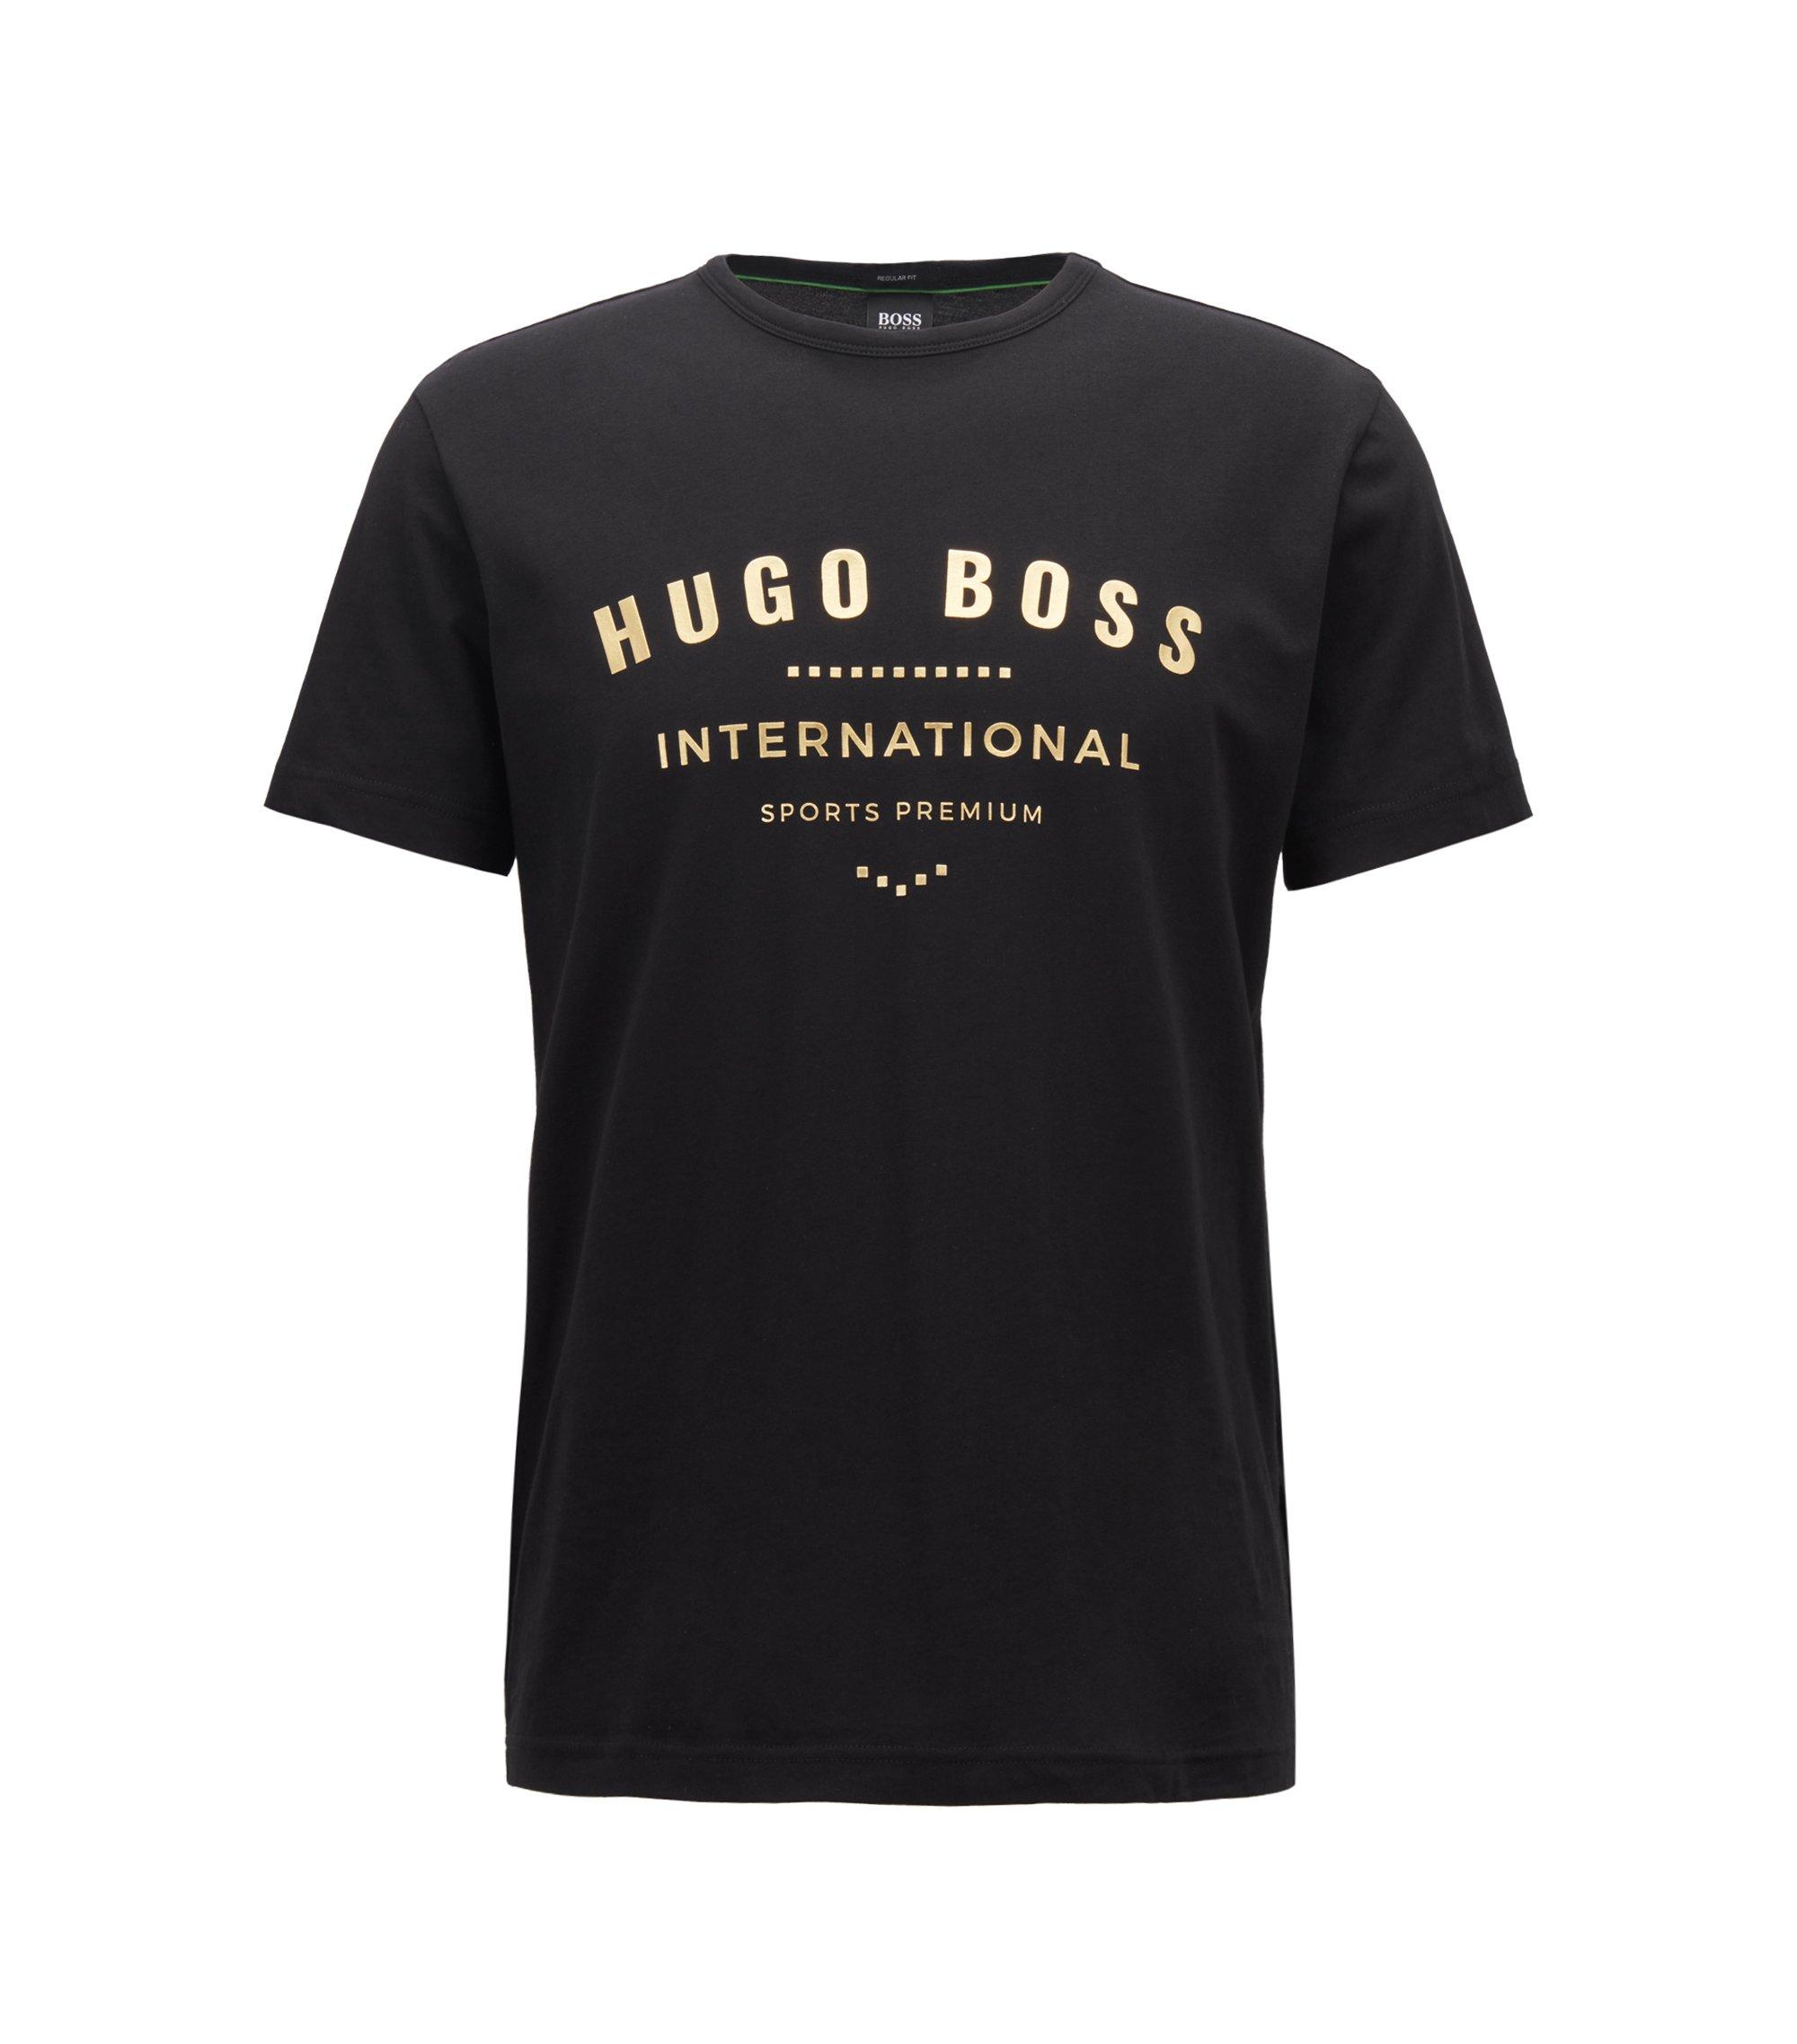 T-Shirt aus Baumwolle mit Rundhalsausschnitt und Metallic-Print, Schwarz